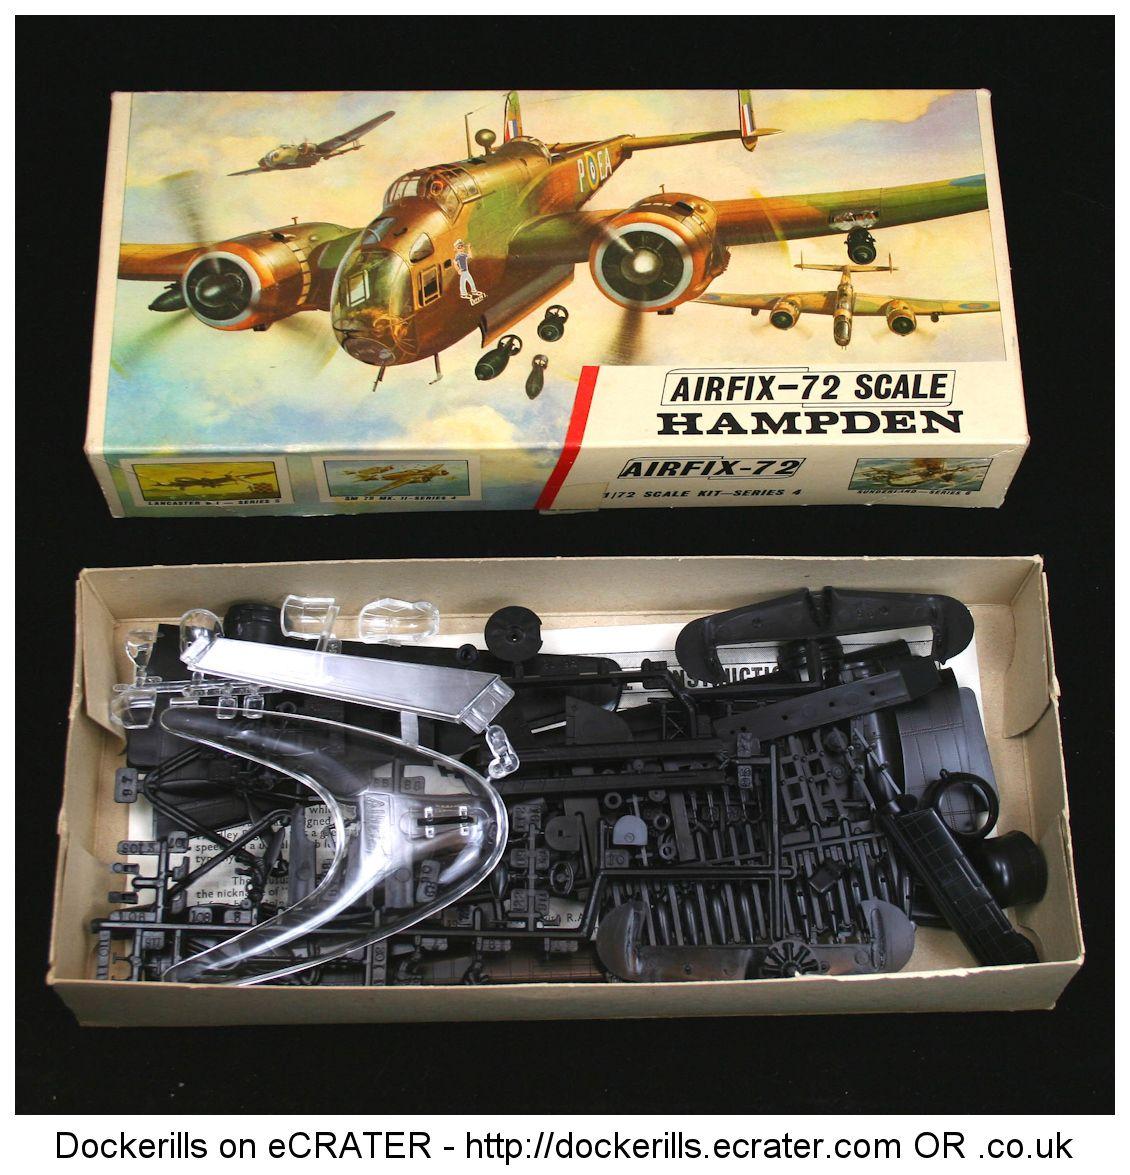 Airfix Hampden Vintage Type 3 Box Kit. 1/72 Scale. Produced c. 1963-1973. #Airfix